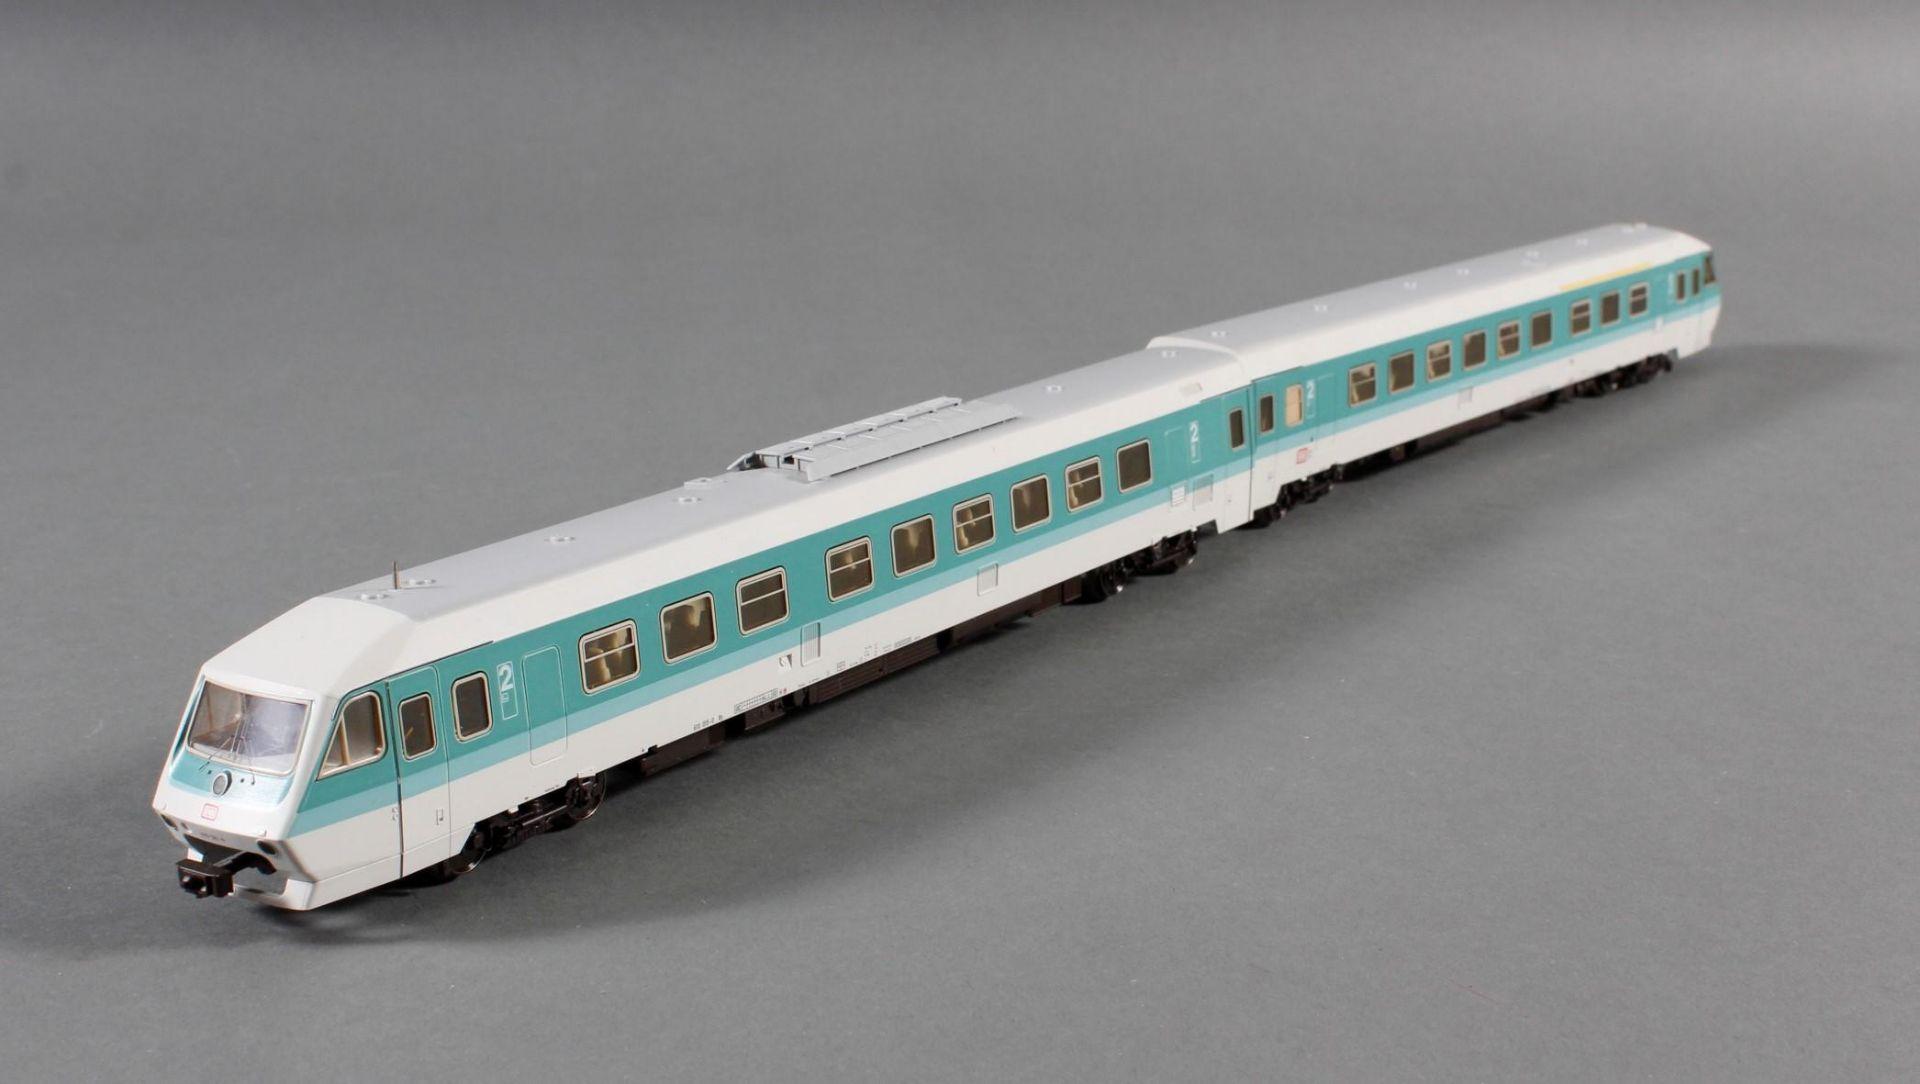 Märklin 3776 digital Triebwagen BR 610 - Bild 2 aus 4